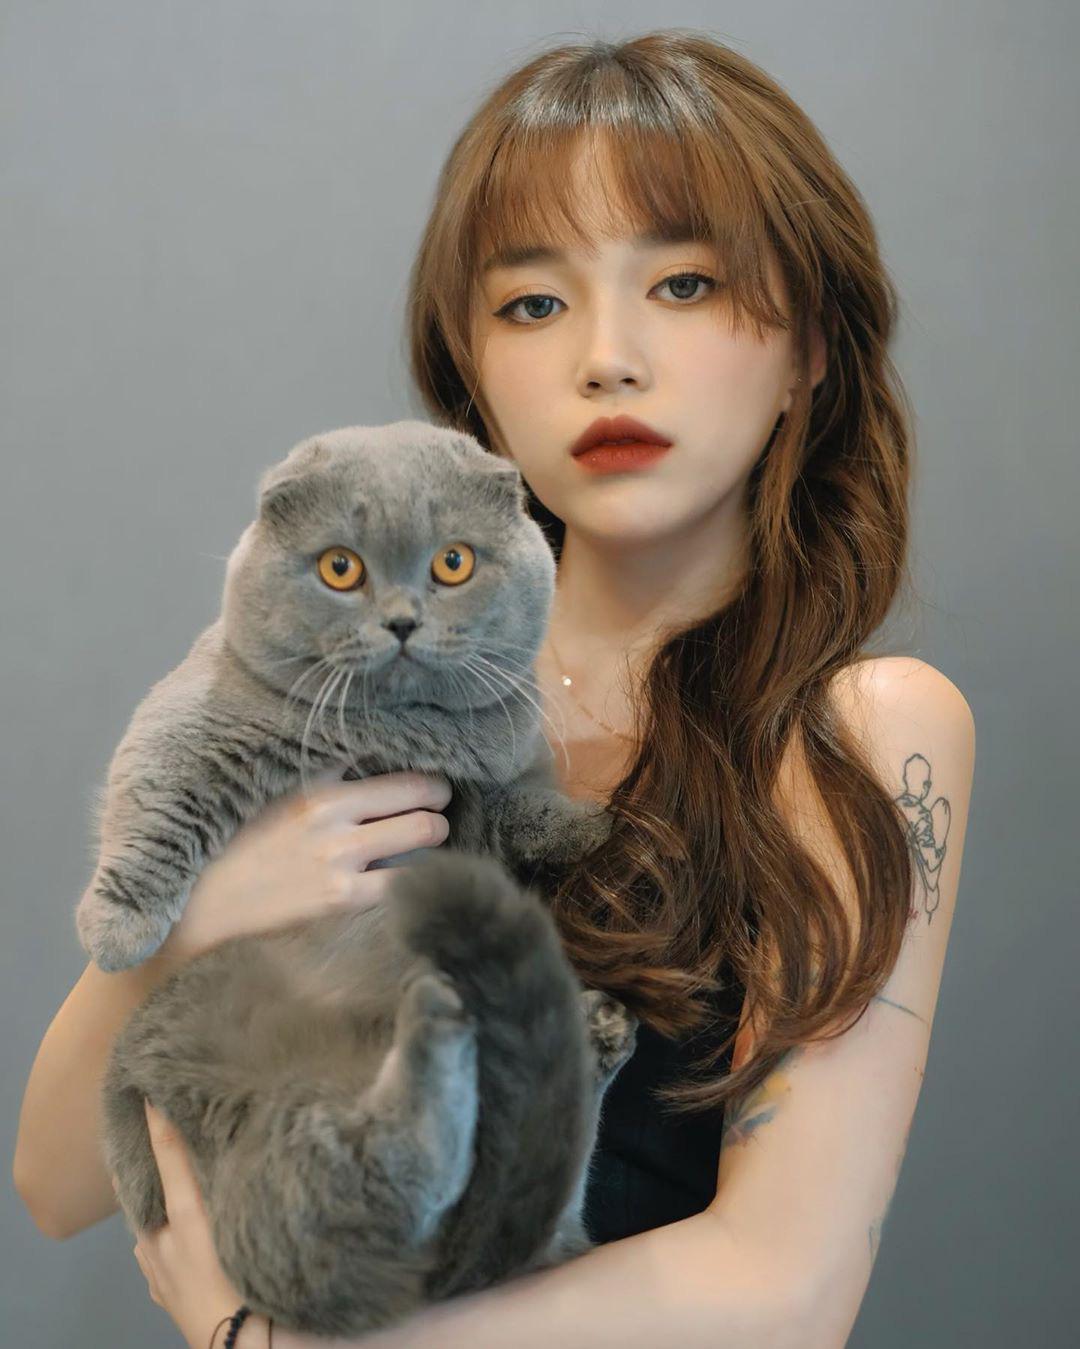 Streamer giàu có sở thích đốt tiền: Độ Mixi chơi mô hình tiền tỷ, Linh Ngọc Đàm nuôi mèo hàng trăm triệu đồng - Ảnh 9.